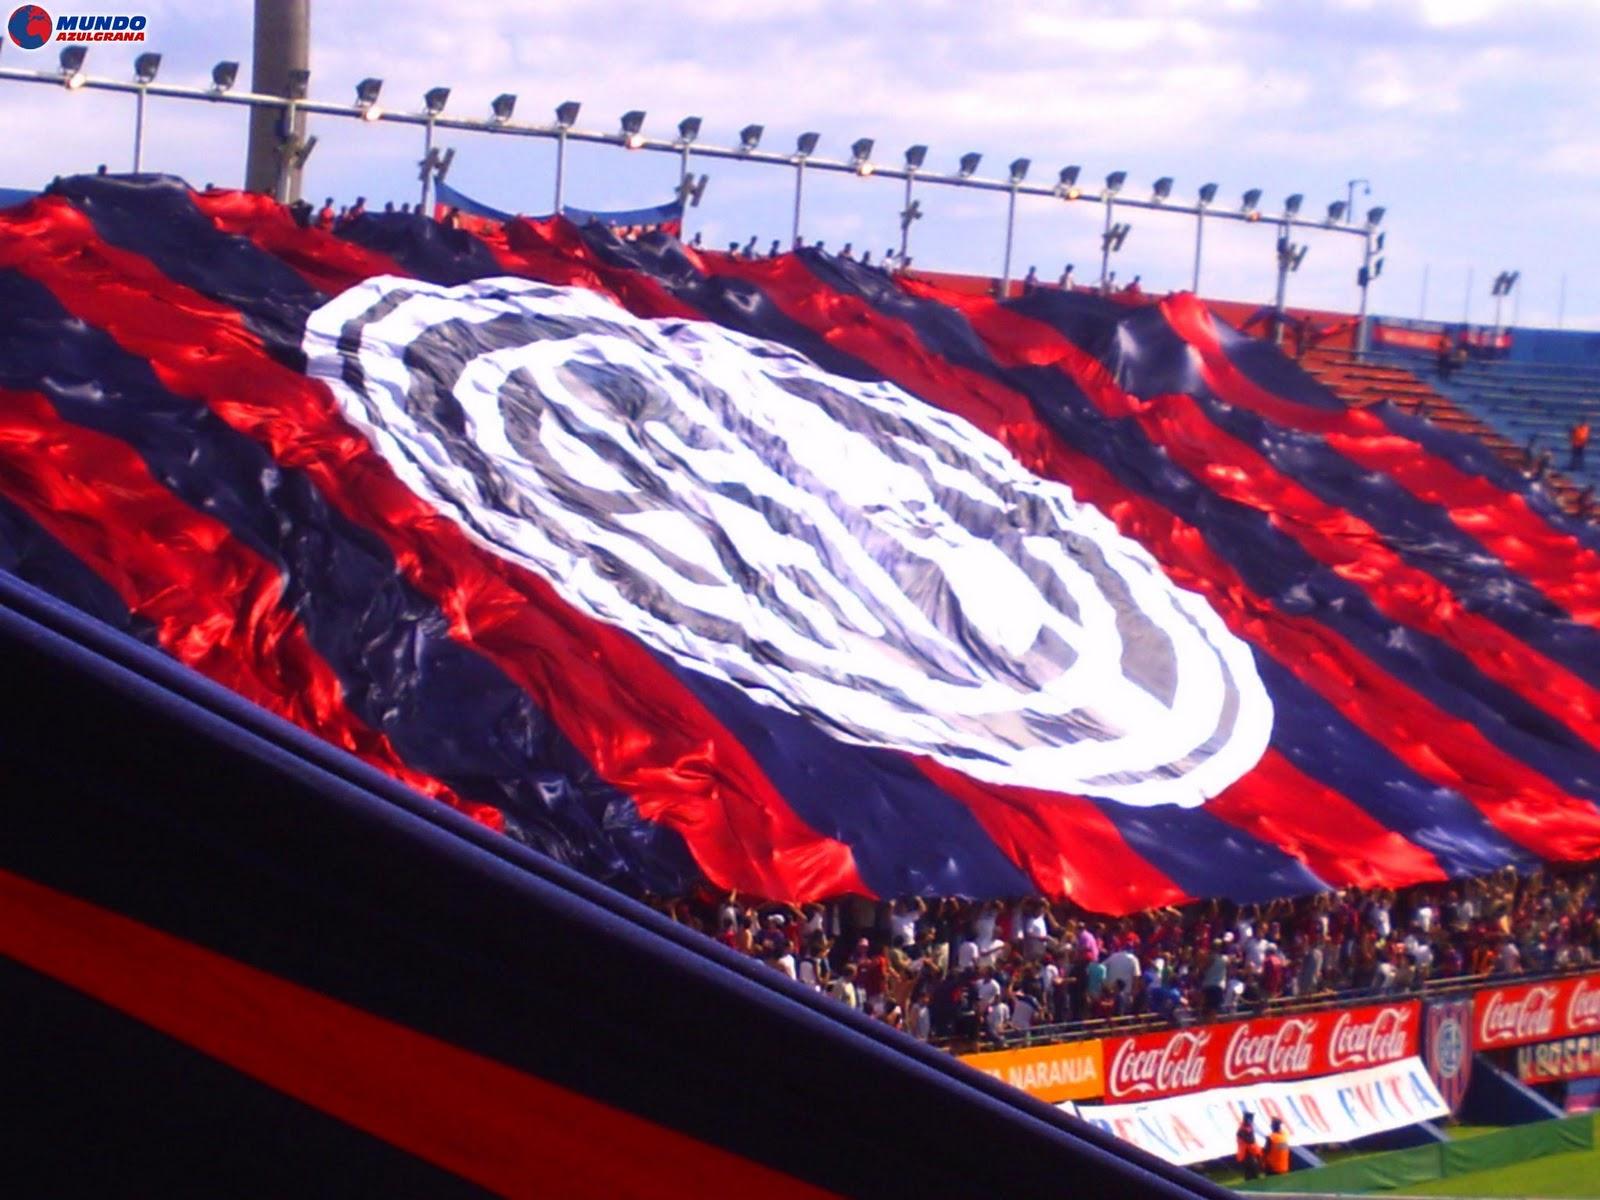 Sep 04, 2021· el historial entre platense y san lorenzo. Wallpapers San Lorenzo de Almagro: Bandera. Emblema y Logo